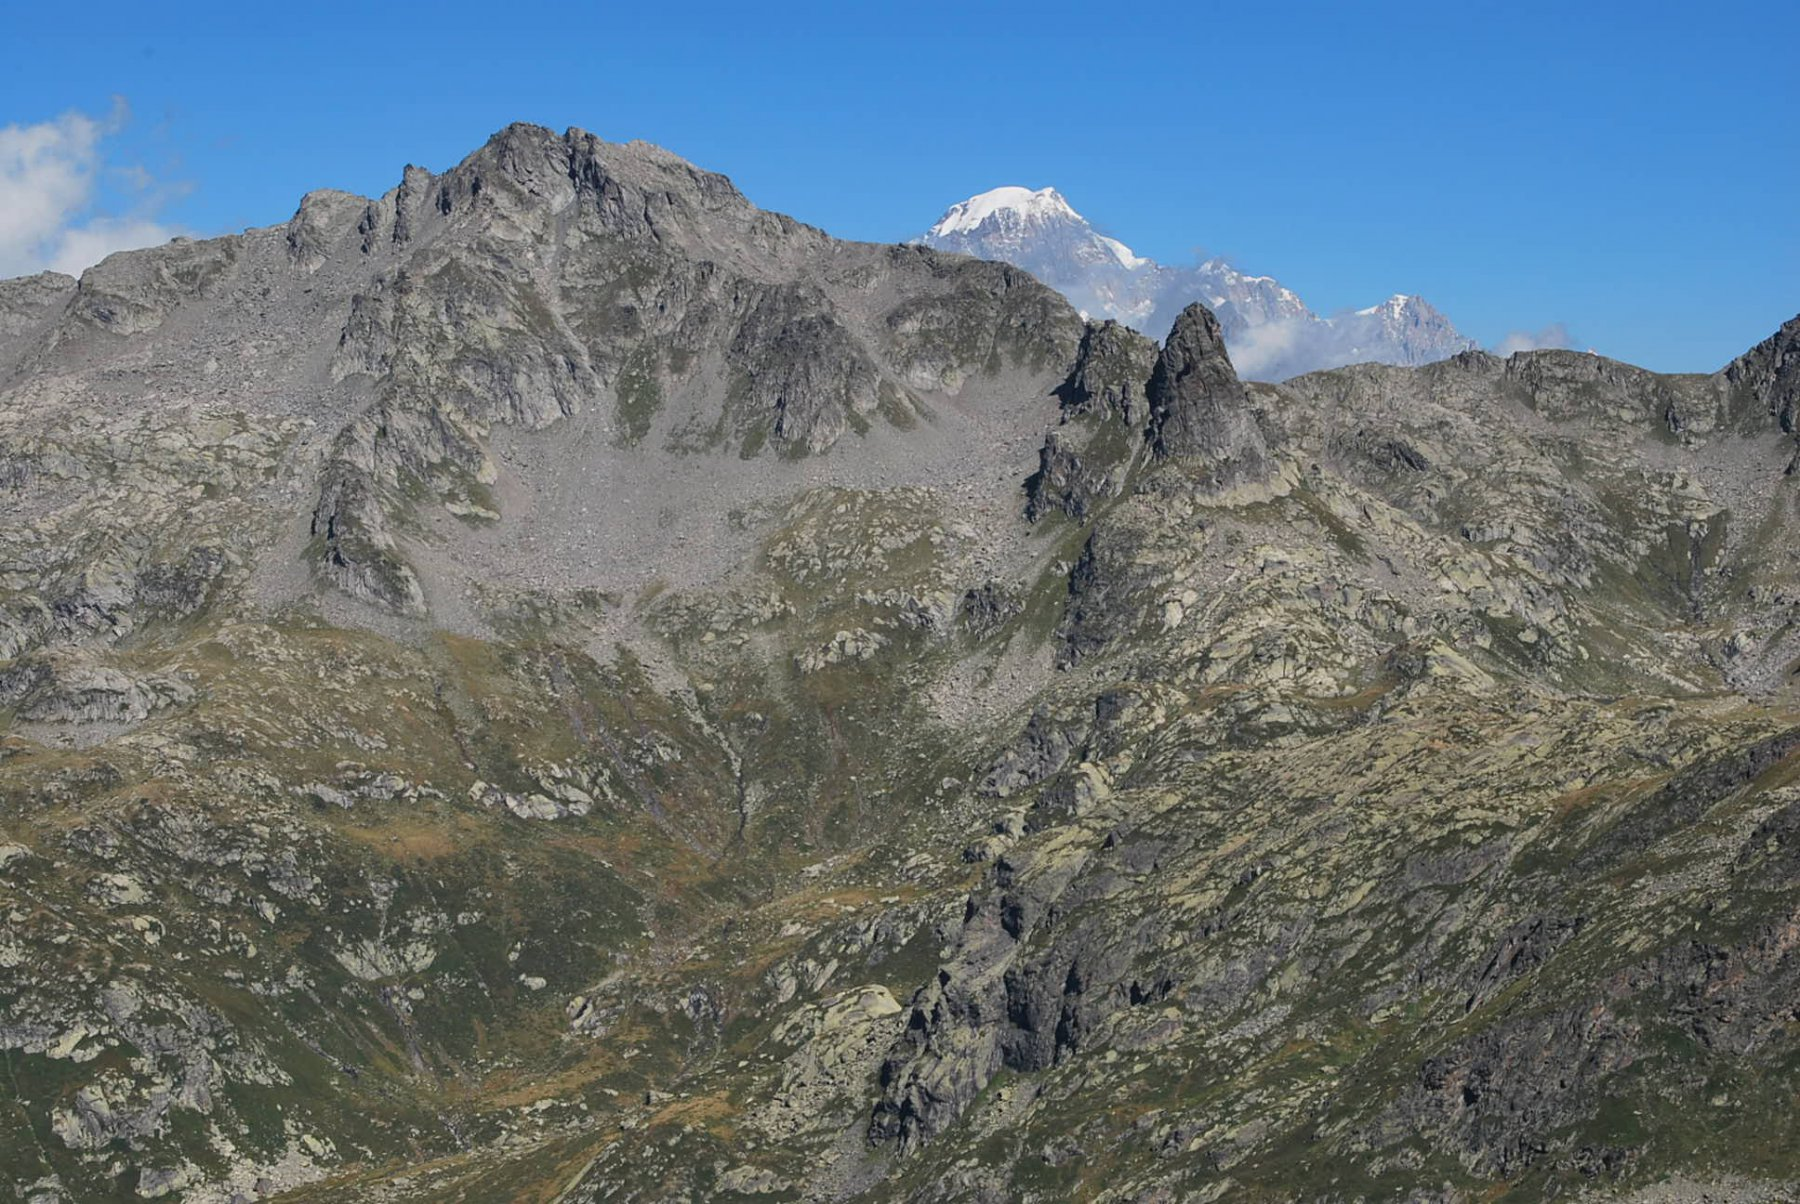 La cresta dei Dents Rouges e il Monte Bianco visti da sopra il Lac Noir